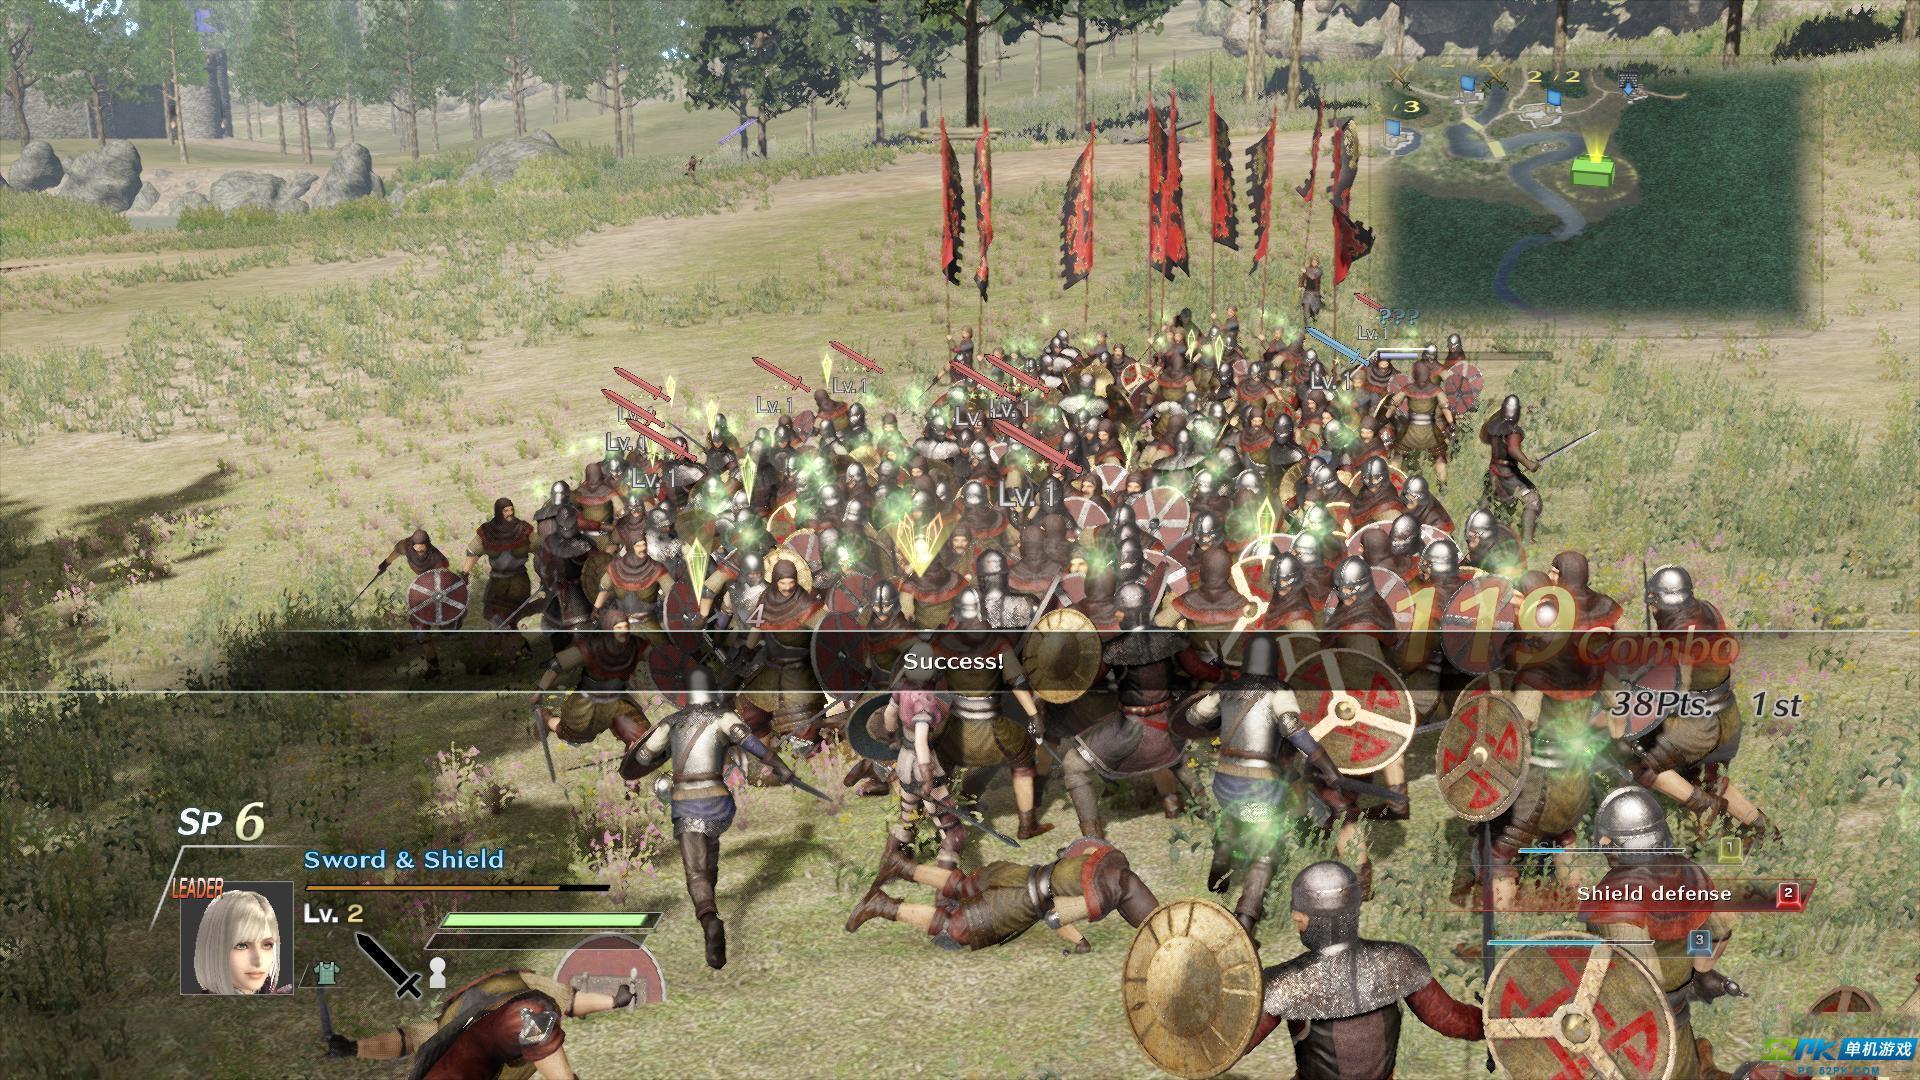 剑刃风暴百年战争噩梦游戏评测 不容错过的好作品